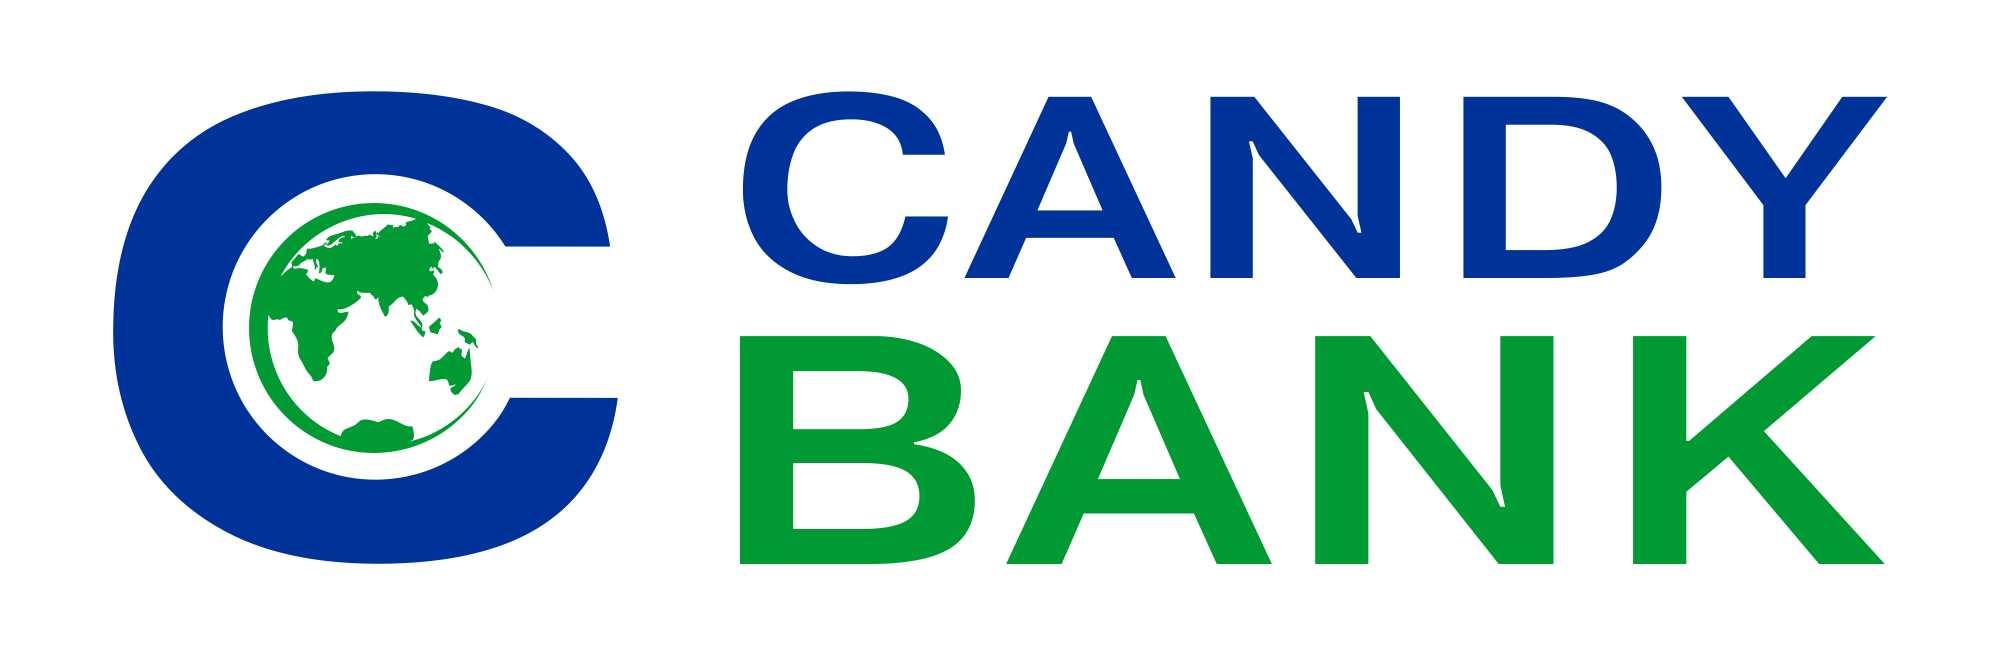 Логотип для международного банка фото f_6395d6af4df33125.jpg